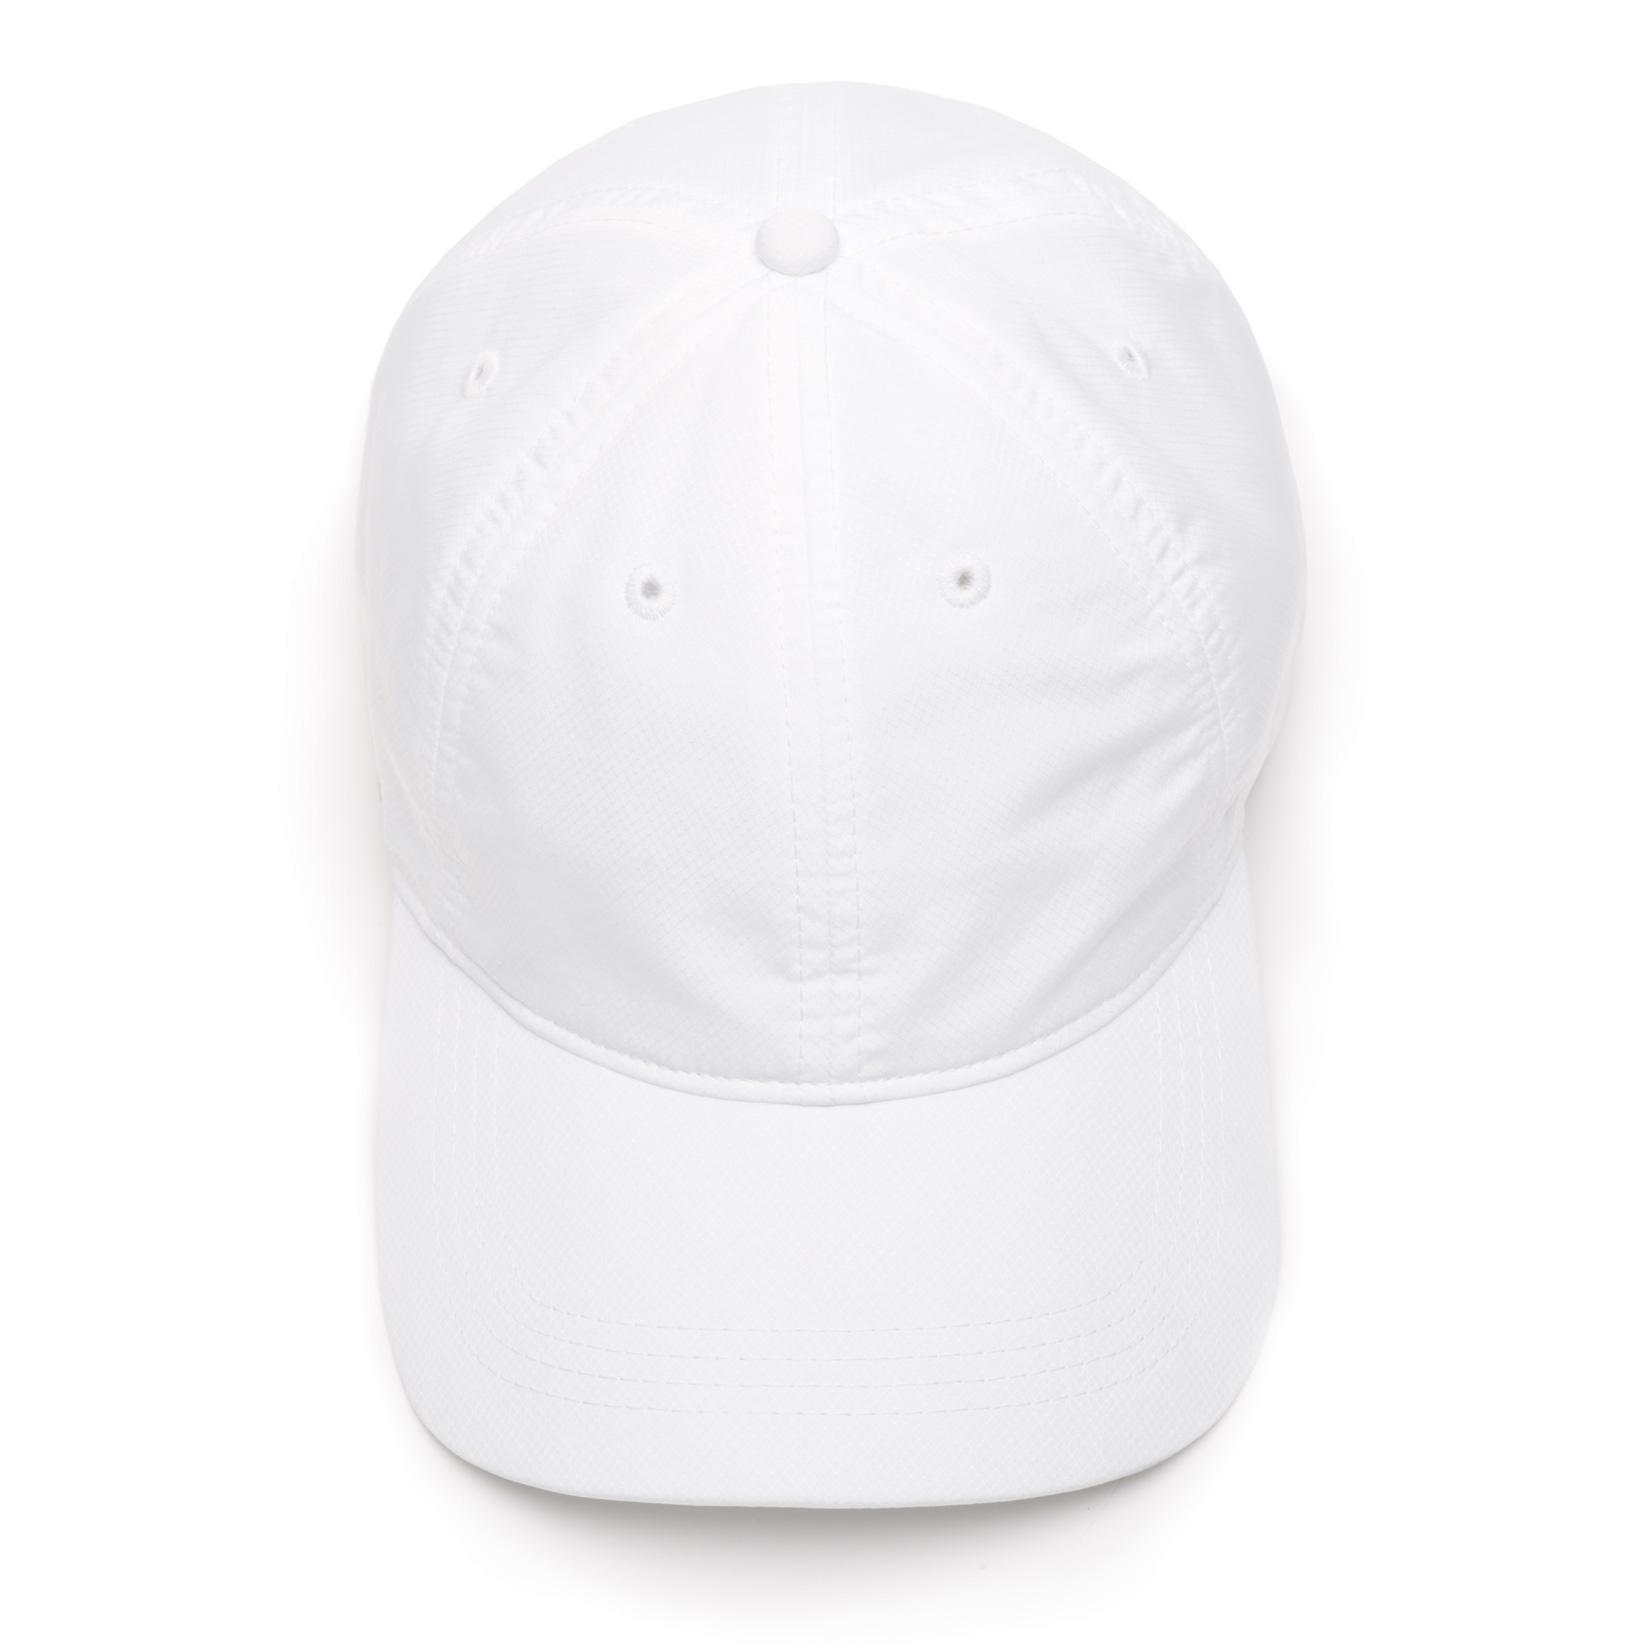 82985ad3a43 Lacoste Sport Cap in Solid Diamond Weave Taffeta - White ...